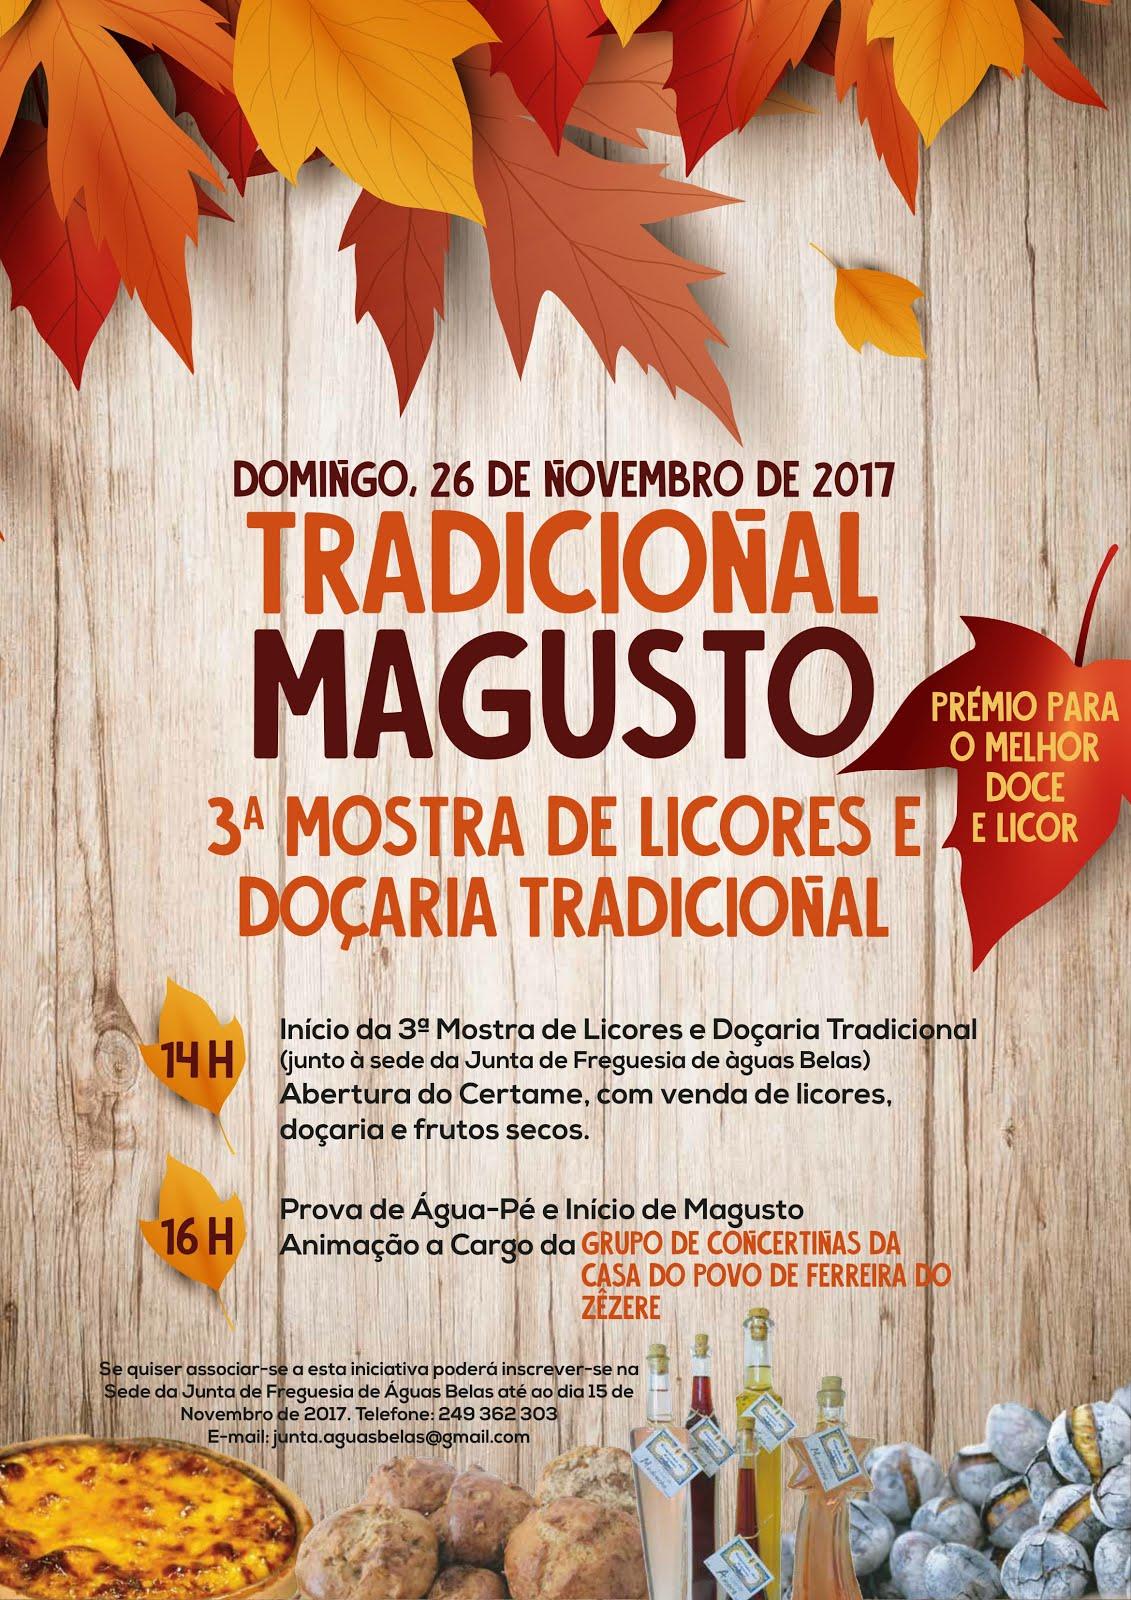 Espaço comercial - 3.ªMostra licores e doçaria tradicional - Dia 26 de novembro em Águas Belas